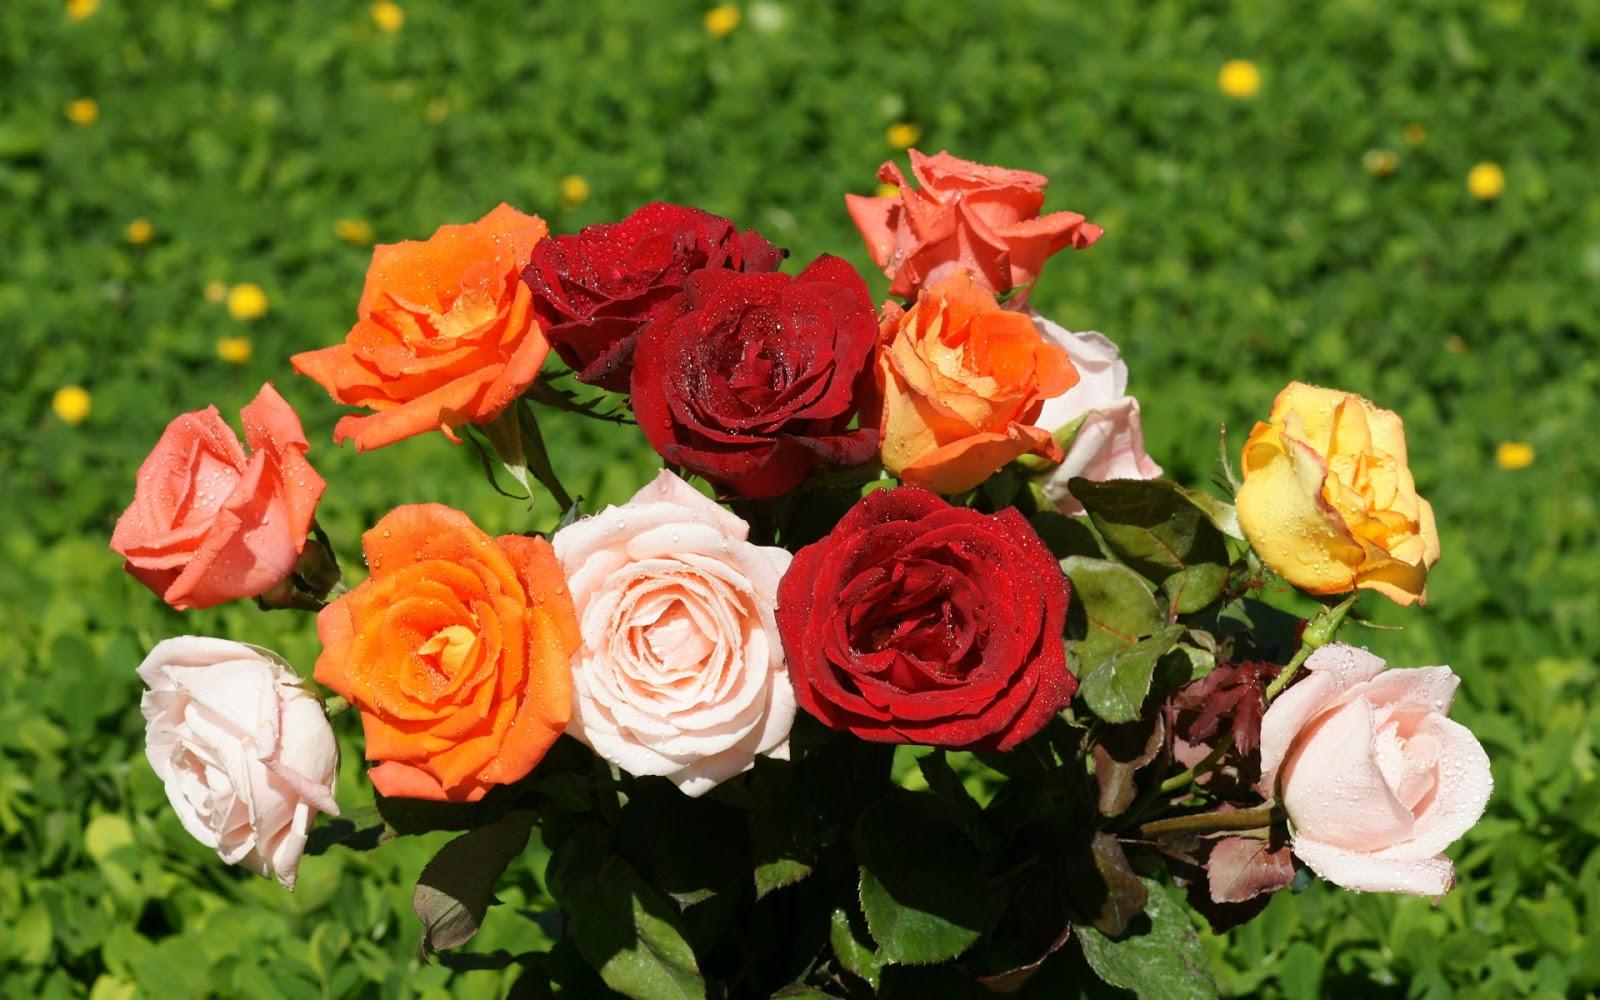 Vậy những ai yêu thích hoa hồng hãy thường xuyên ghé thăm để chiêm ngưỡng những hình ảnh đẹp nhất về loài hoa này.